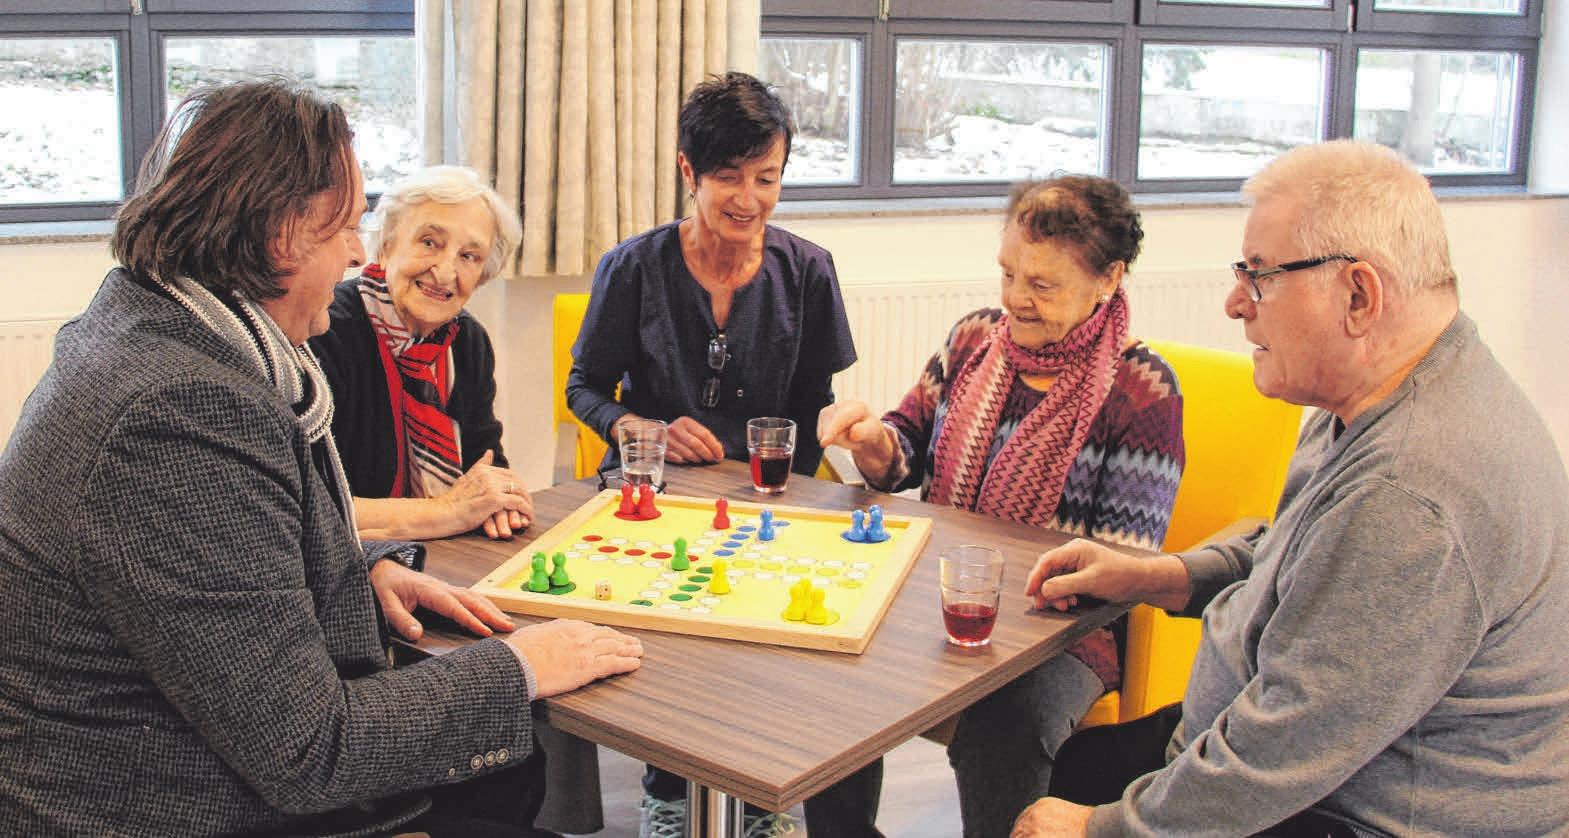 Das Personal nimmt sich viel Zeit für die Tagesgäste - etwa um zu spielen.FOTO: SCHMIDL